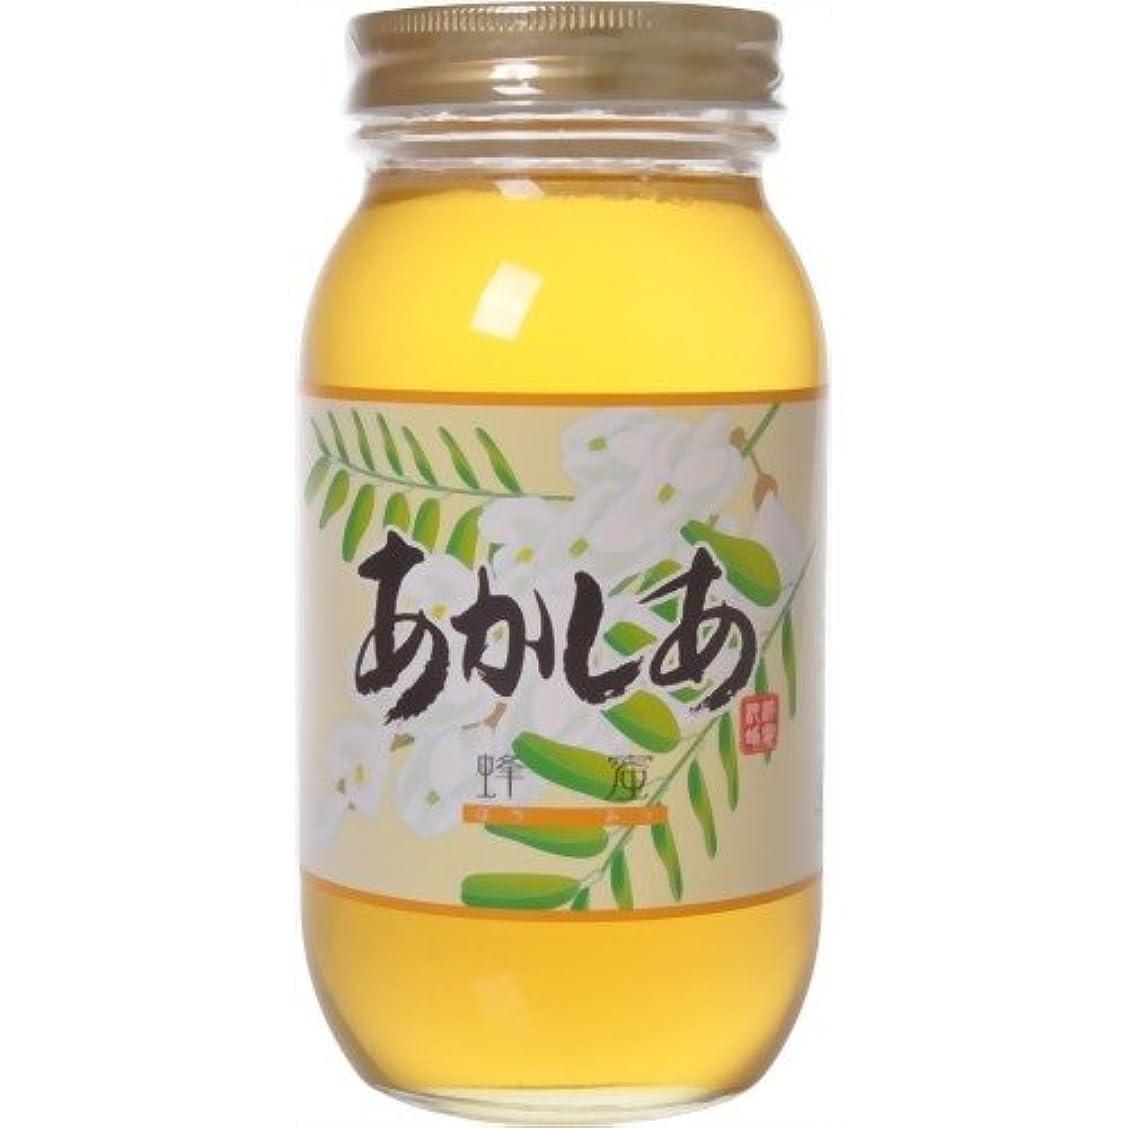 扱う自分のインシデント藤井養蜂場 中国産アカシアはちみつ 1kg